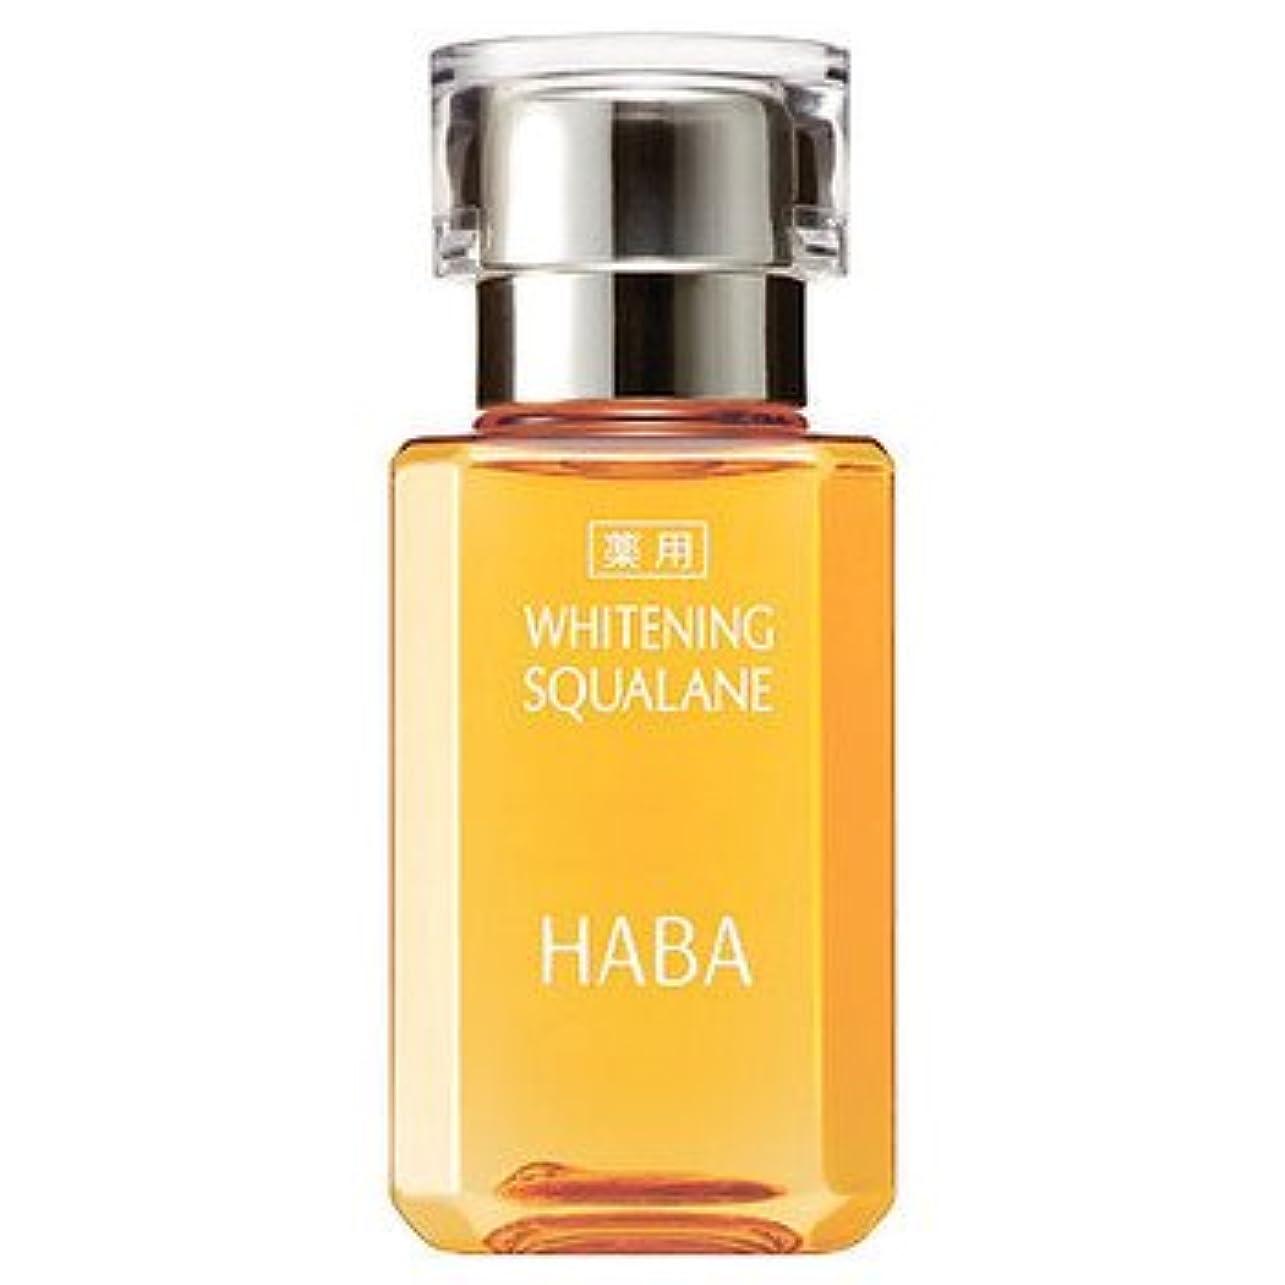 近似寝る不承認HABA ハーバー 薬用ホワイトニングスクワラン 30ml フェイスオイル (医薬部外品) [並行輸入品]